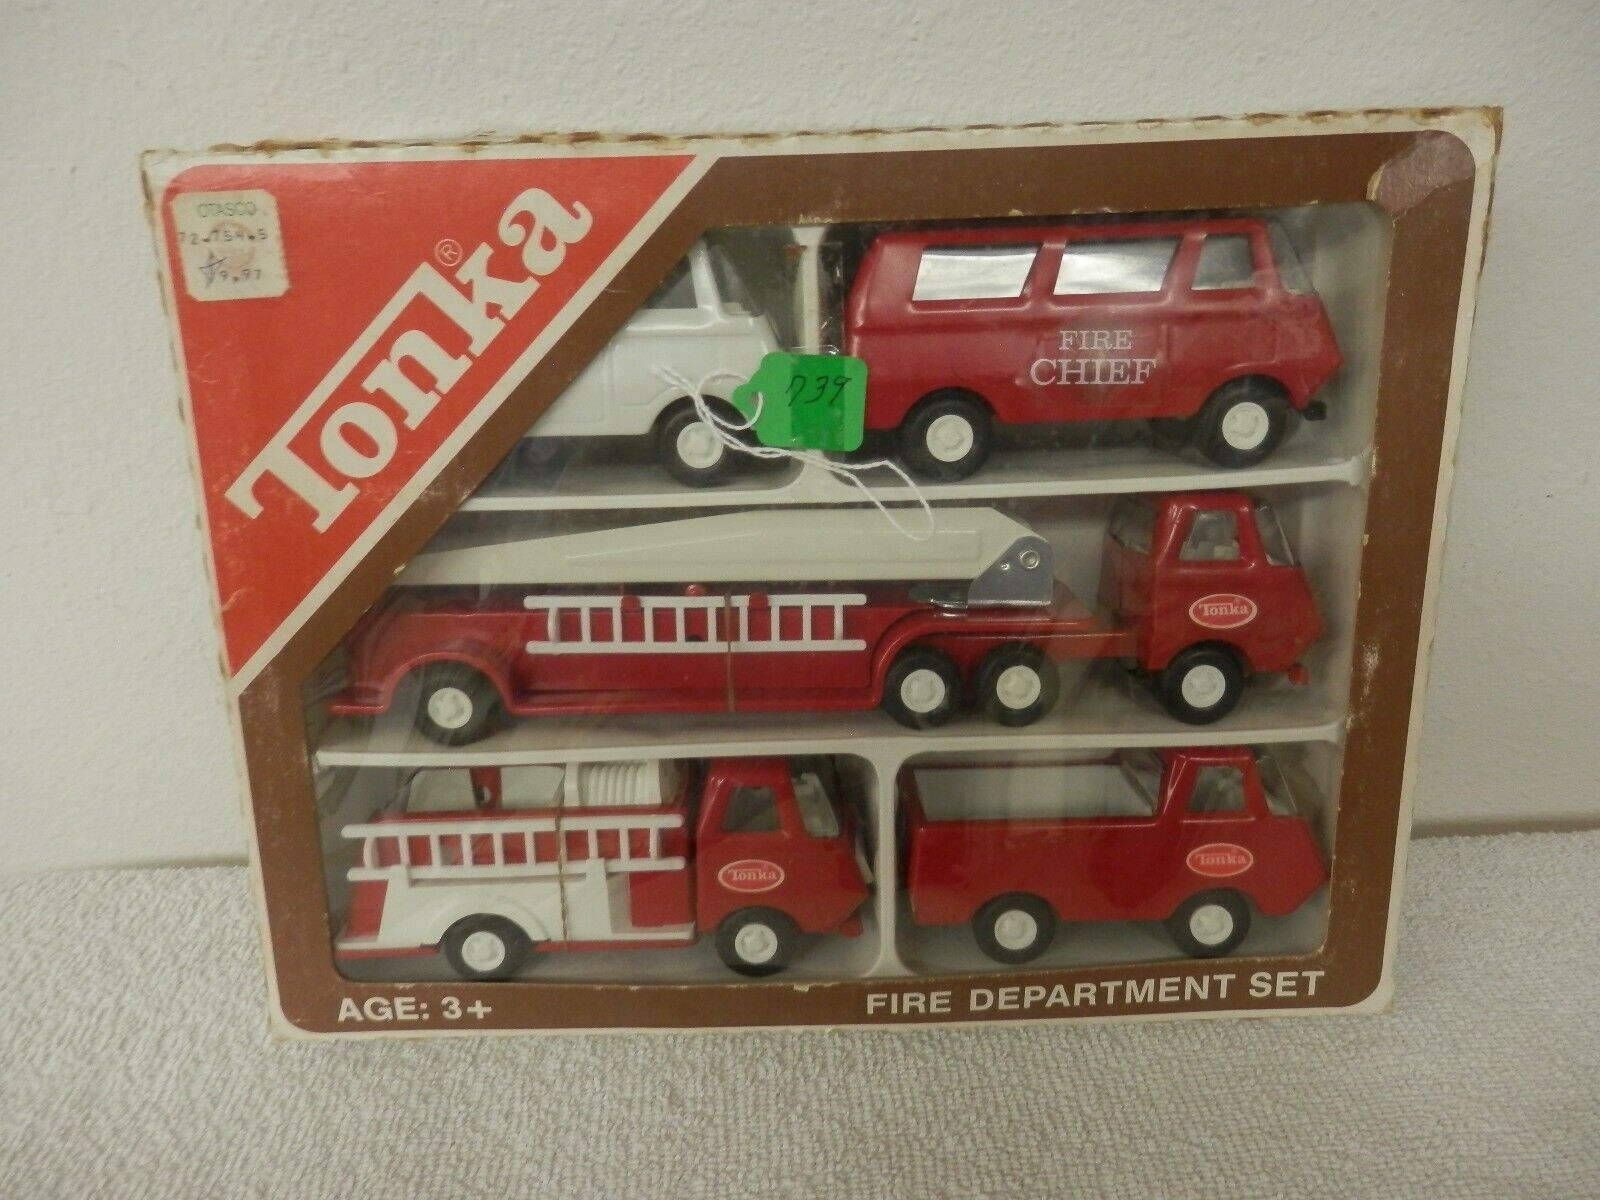 En 1976, el equipo de bomberos de las llamadas  mini - tarjetas  tenía 830 en la caja original.